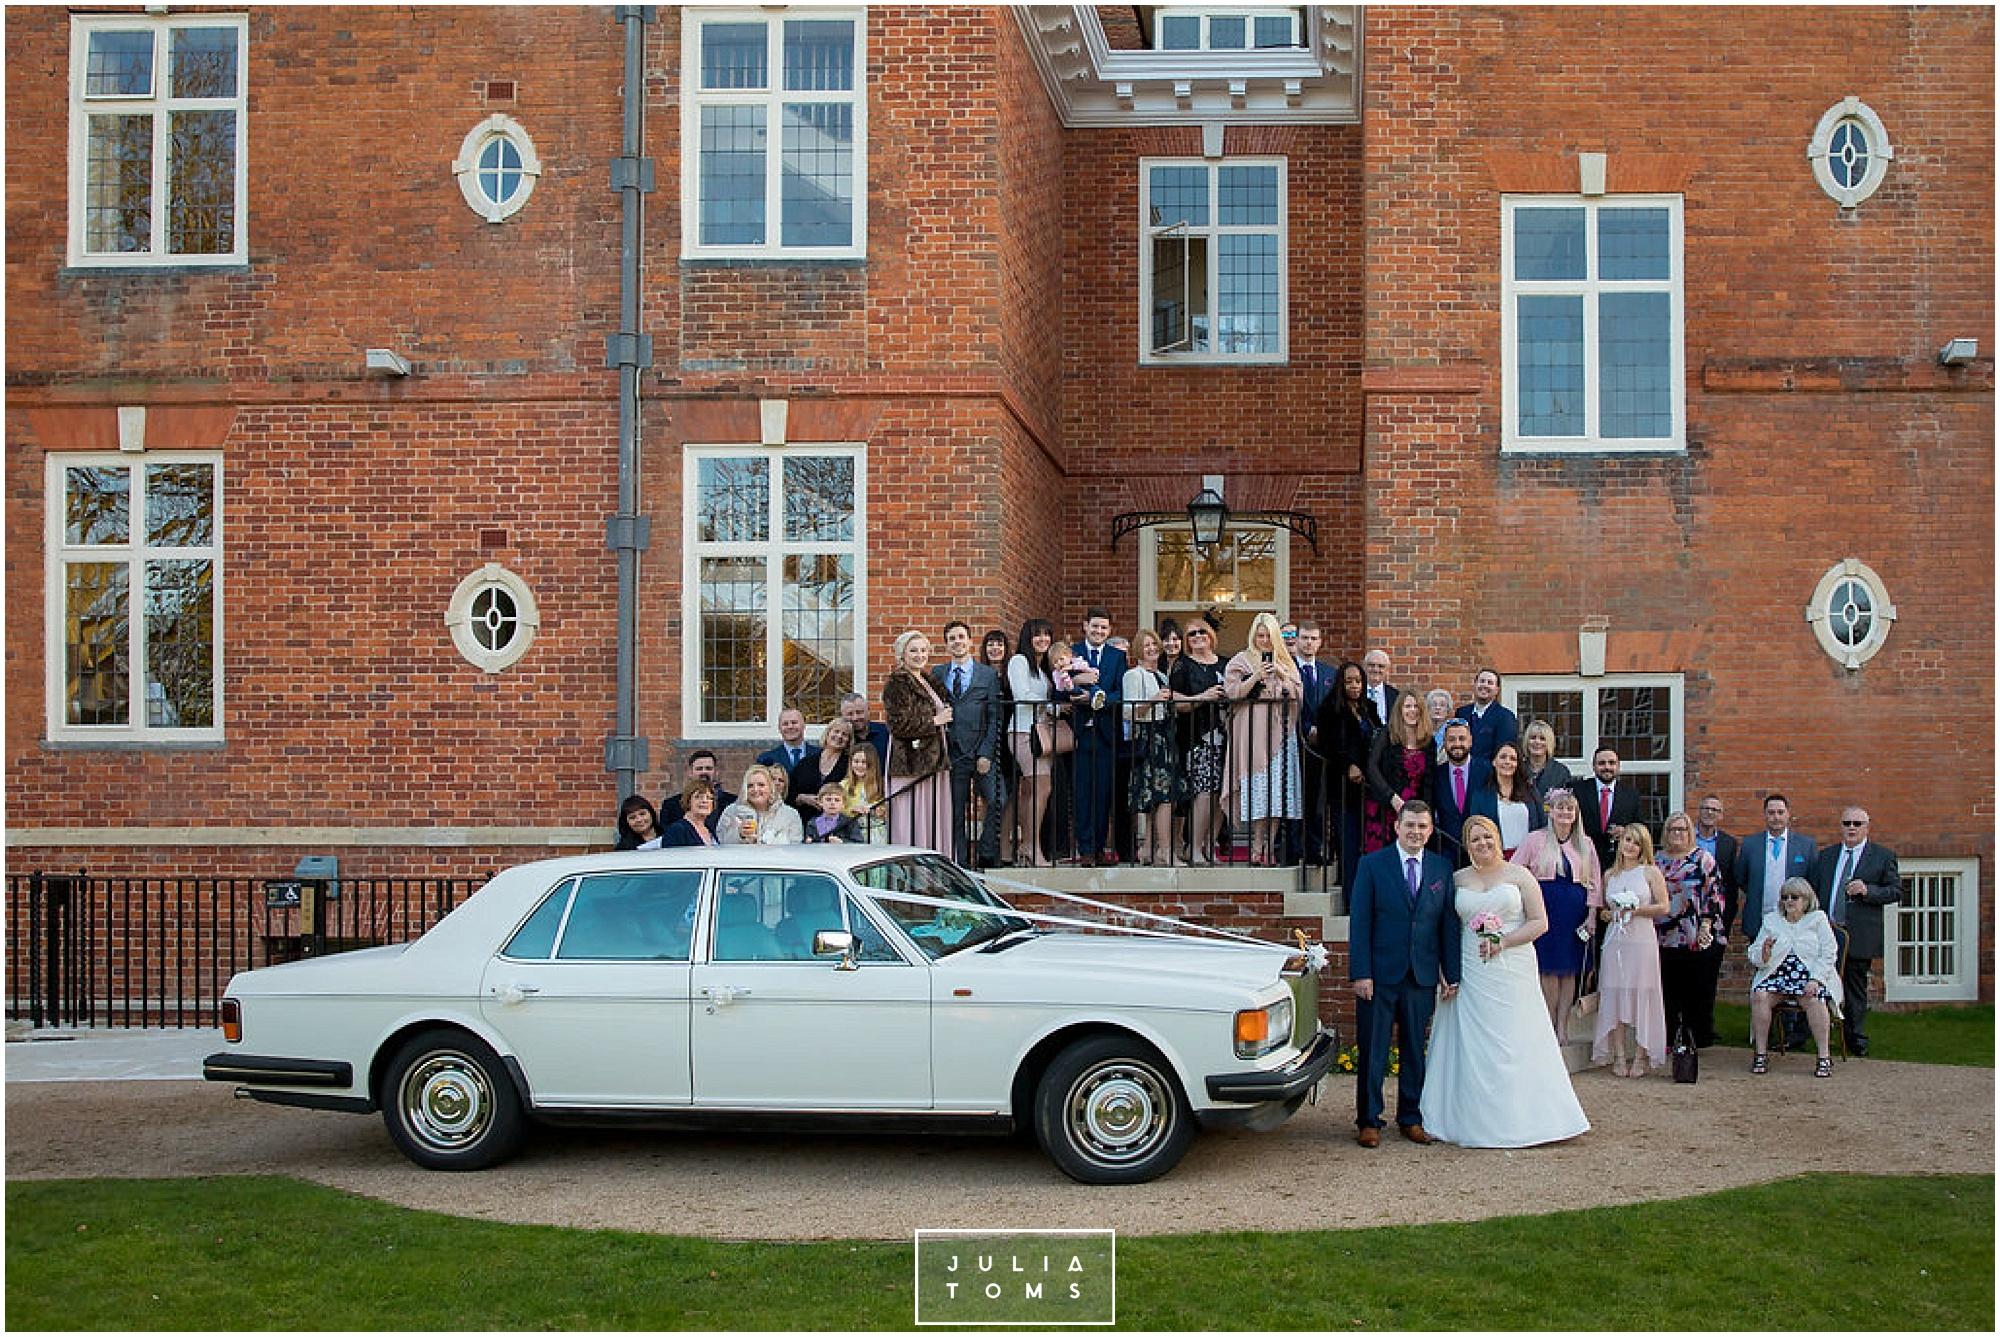 JuliaToms_chichester_wedding_photograher_edes_house_038.jpg